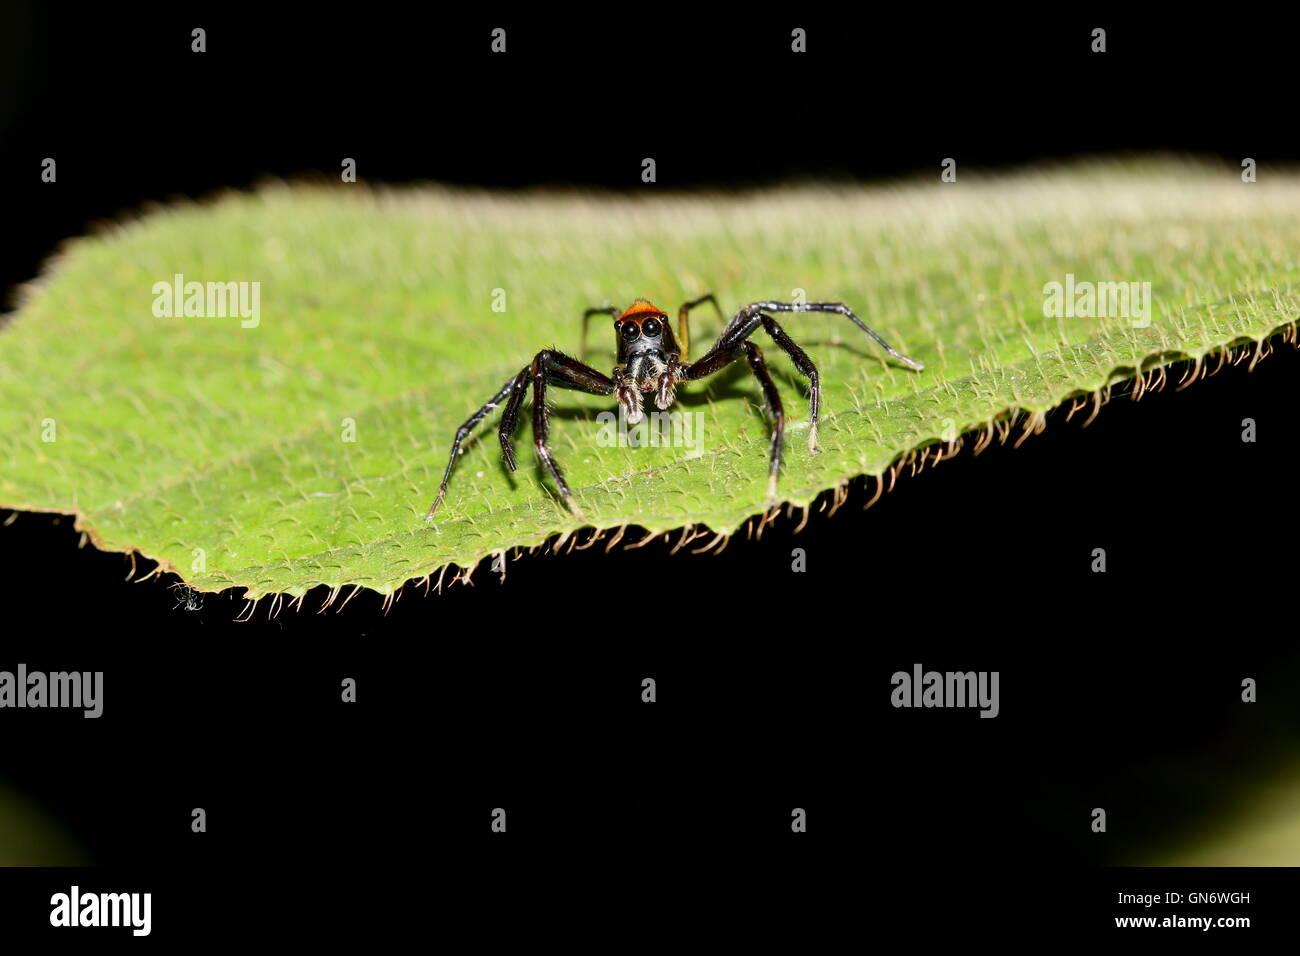 Wunderbar Spinnen Färbung Blatt Fotos - Beispiel Wiederaufnahme ...